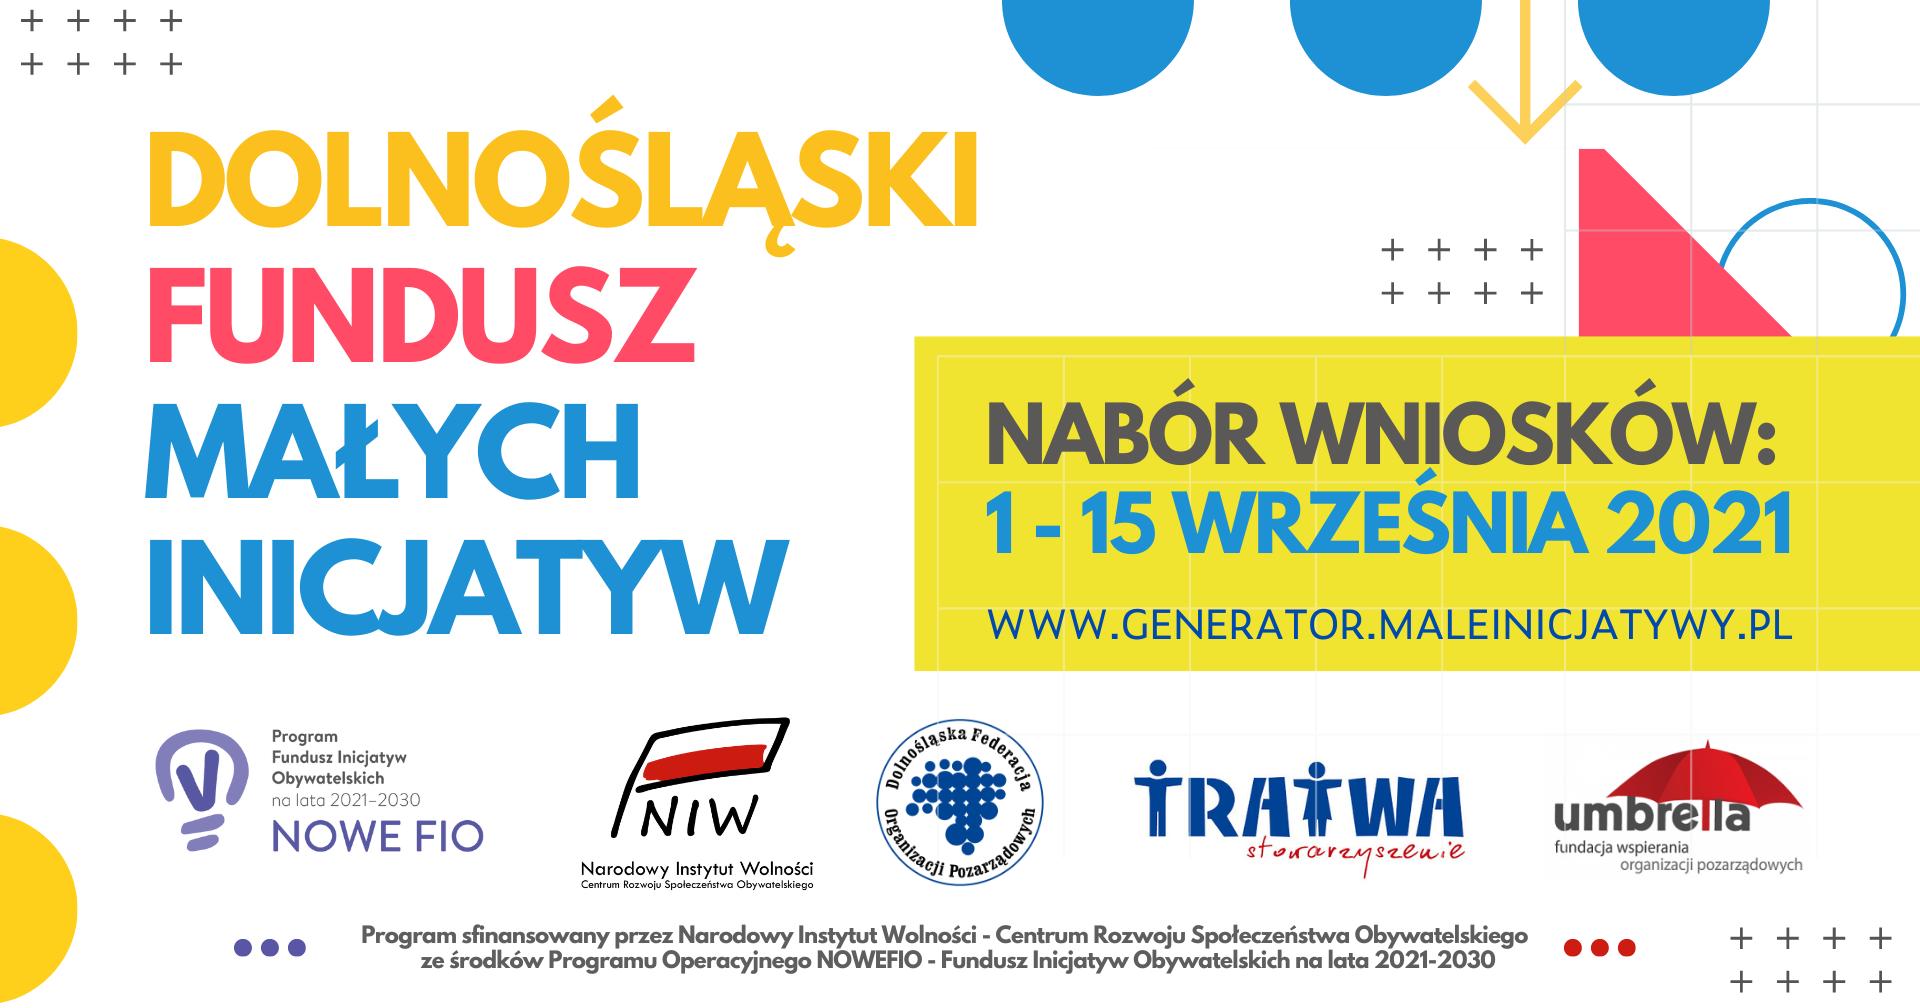 1 września 2021 roku rusza nabór wniosków w Dolnośląskim Funduszu Małych Inicjatyw!